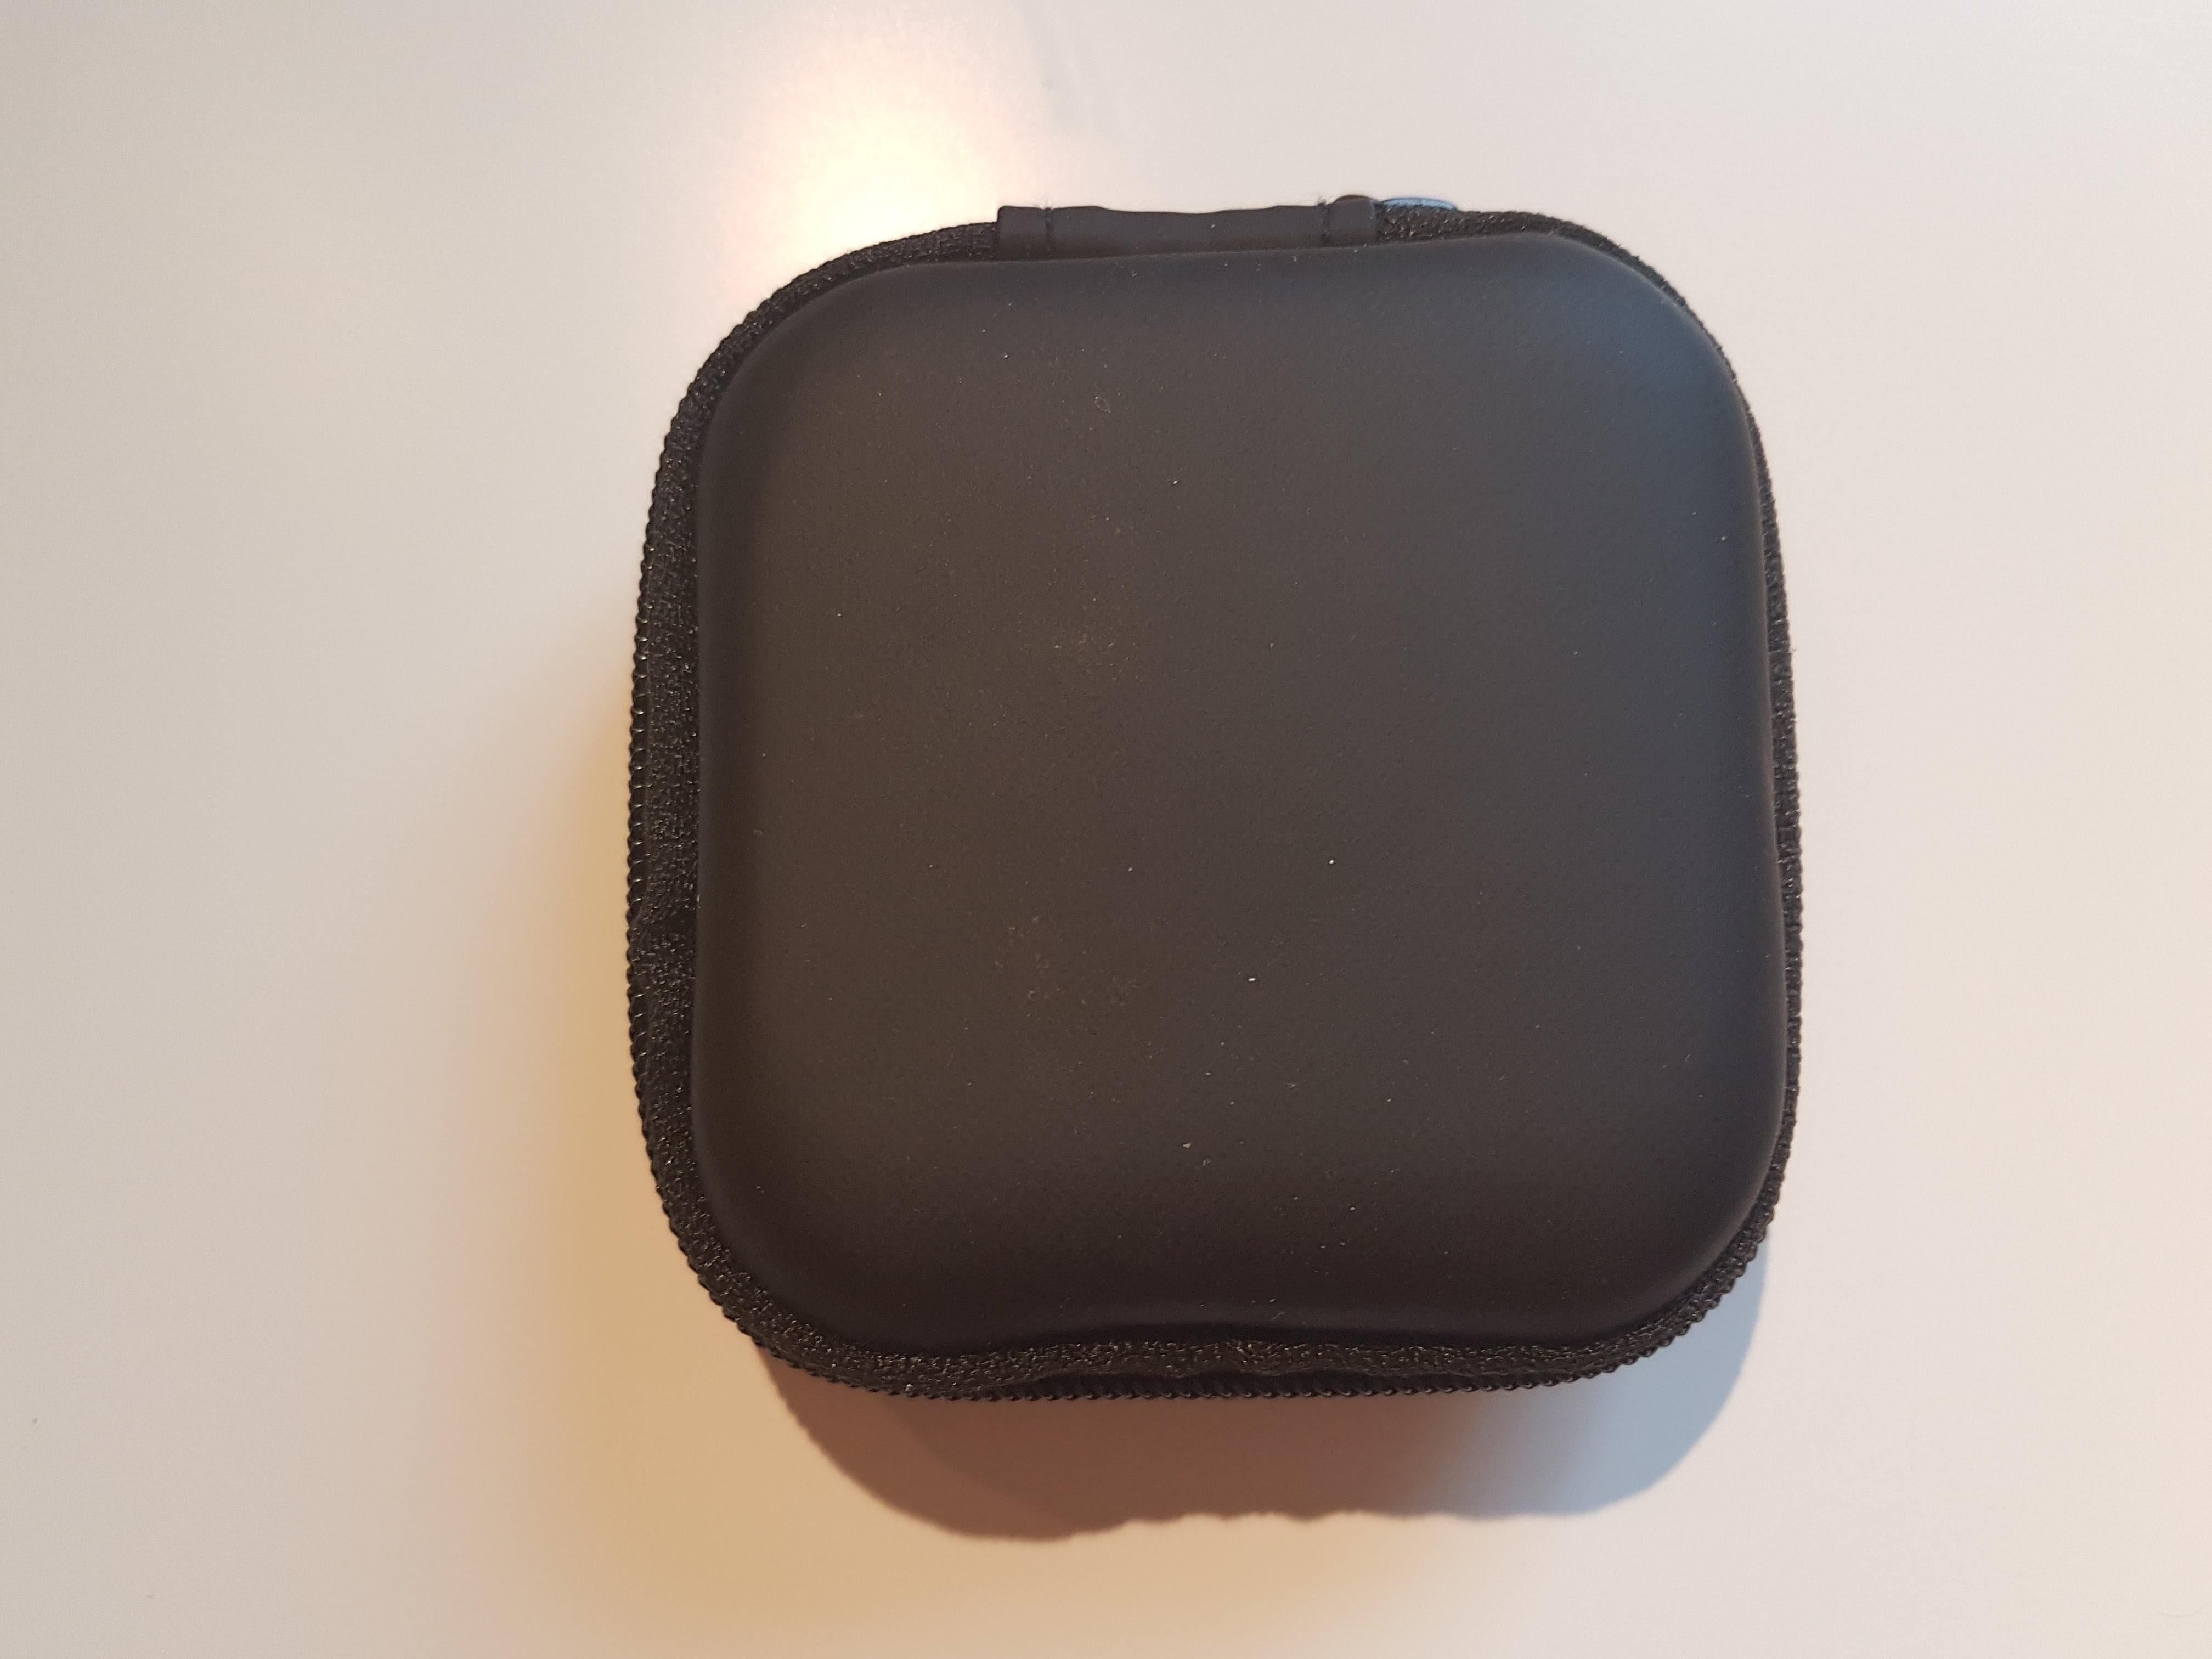 Bovon-Oreillette-Bluetooth - Bovon-Oreillette-Bluetooth-1.jpg